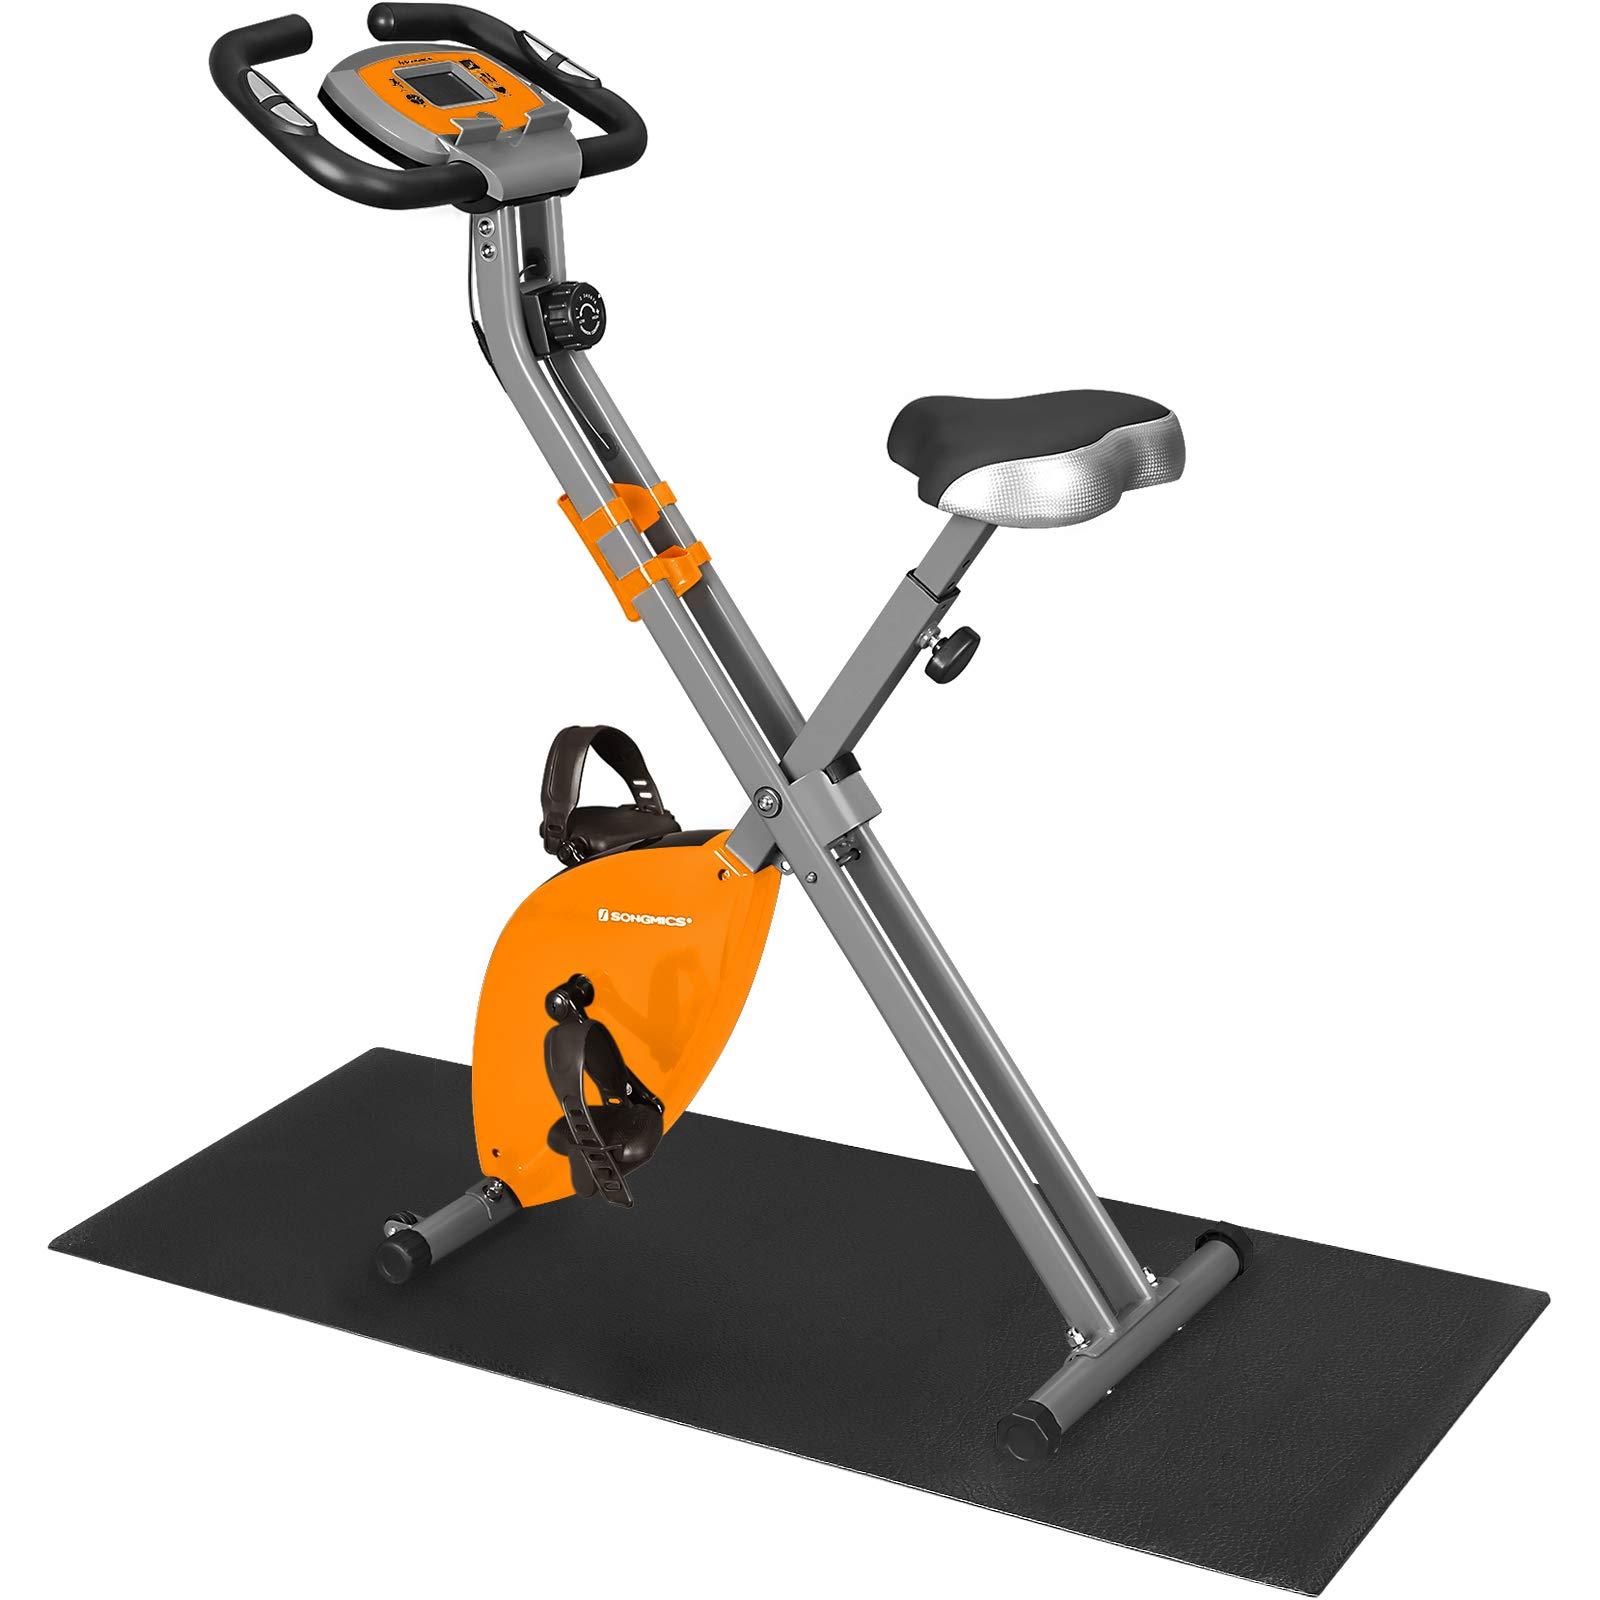 SONGMICS Bicicleta Estática, Bicicleta Fitness, Entrenador Plegable Indoor, 8 Niveles de Resistencia Magnética, con Alfombrilla, Sensor de Pulso, Soporte Telefónico, 100 kg Máx. Naranja SXB11OG: Amazon.es: Deportes y aire libre